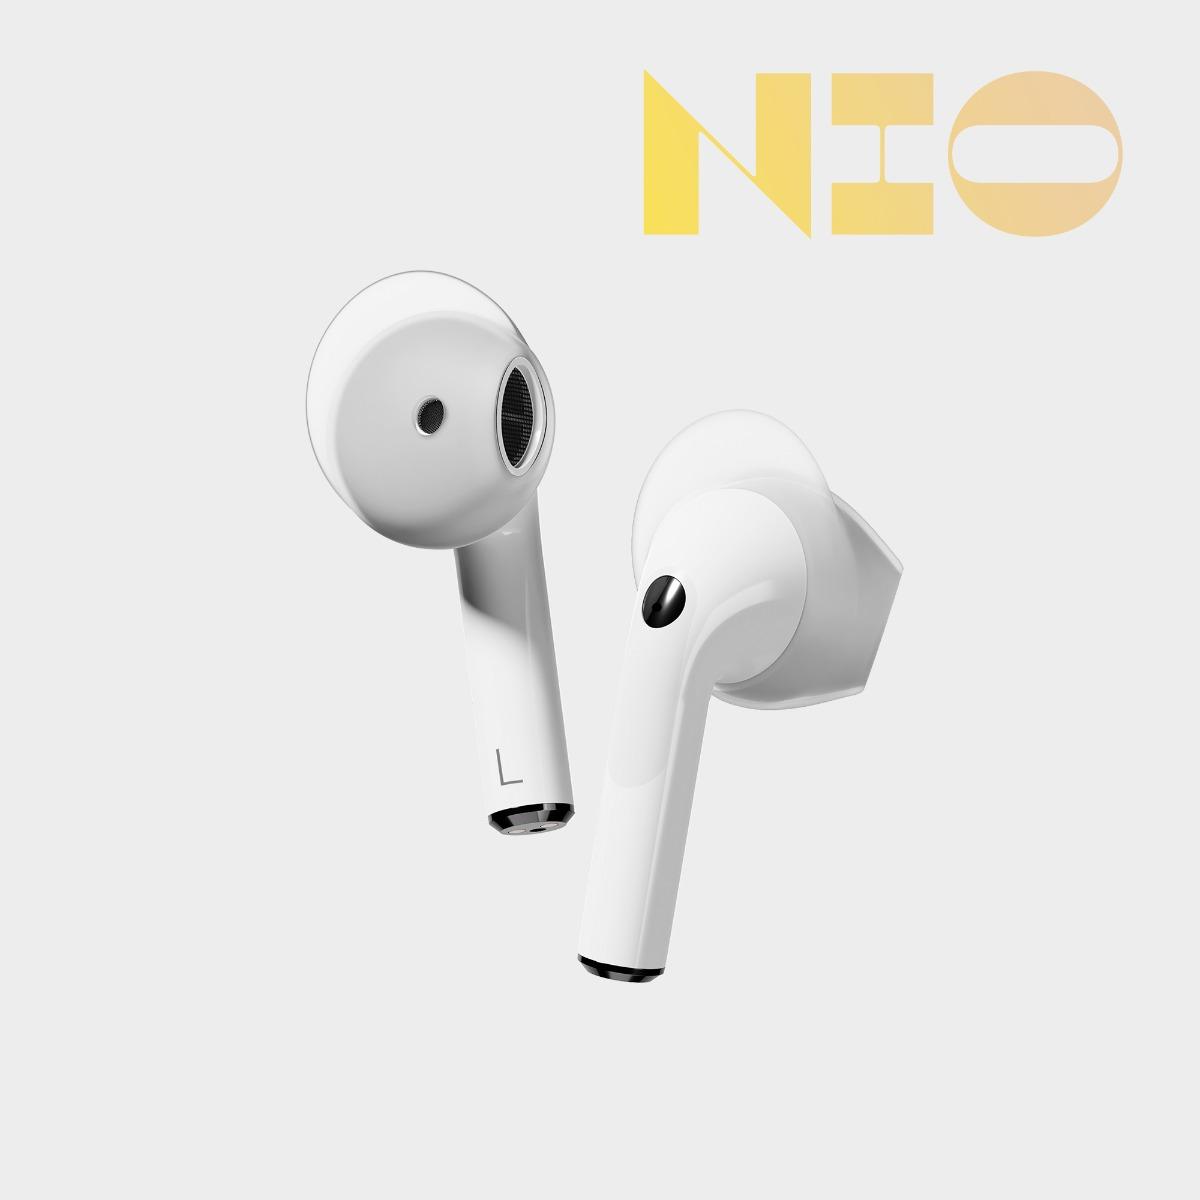 Sudio Nio 入耳式耳机 蓝牙耳机 无线 IPX4 自适应双麦克风技术